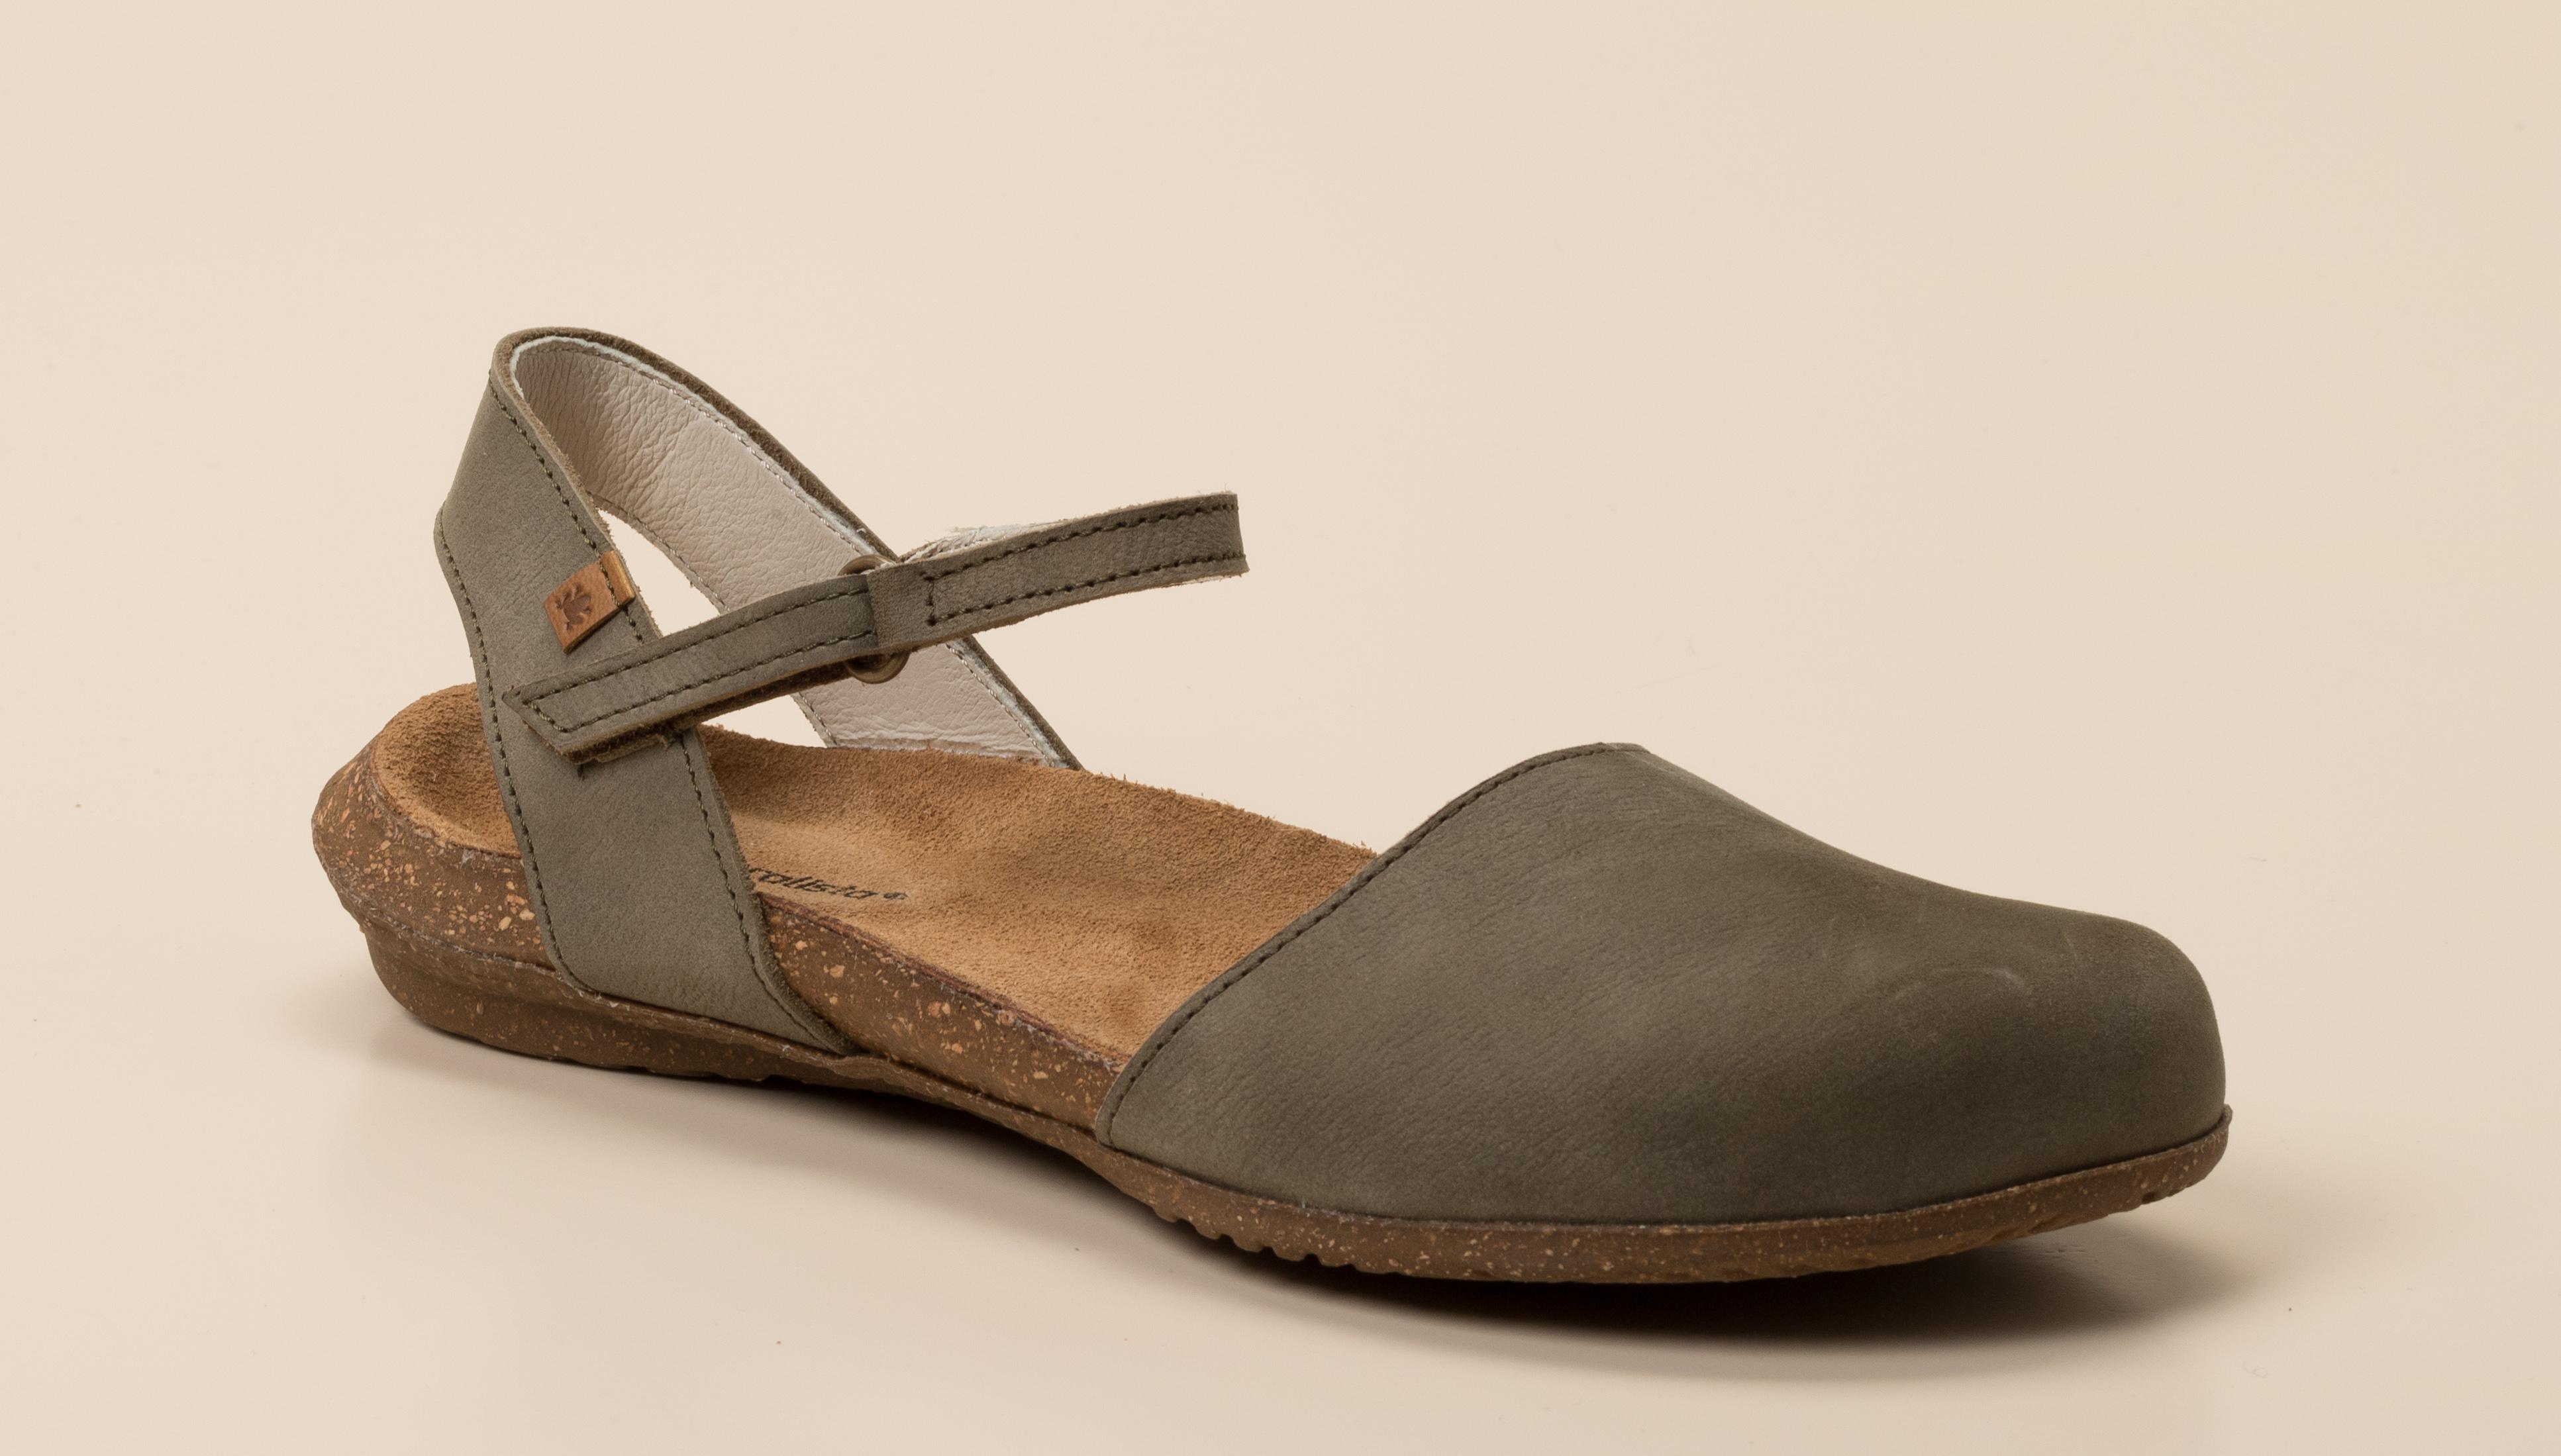 Vorne Geschlossene Geschlossene Vorne Damen Sandale rChtQds